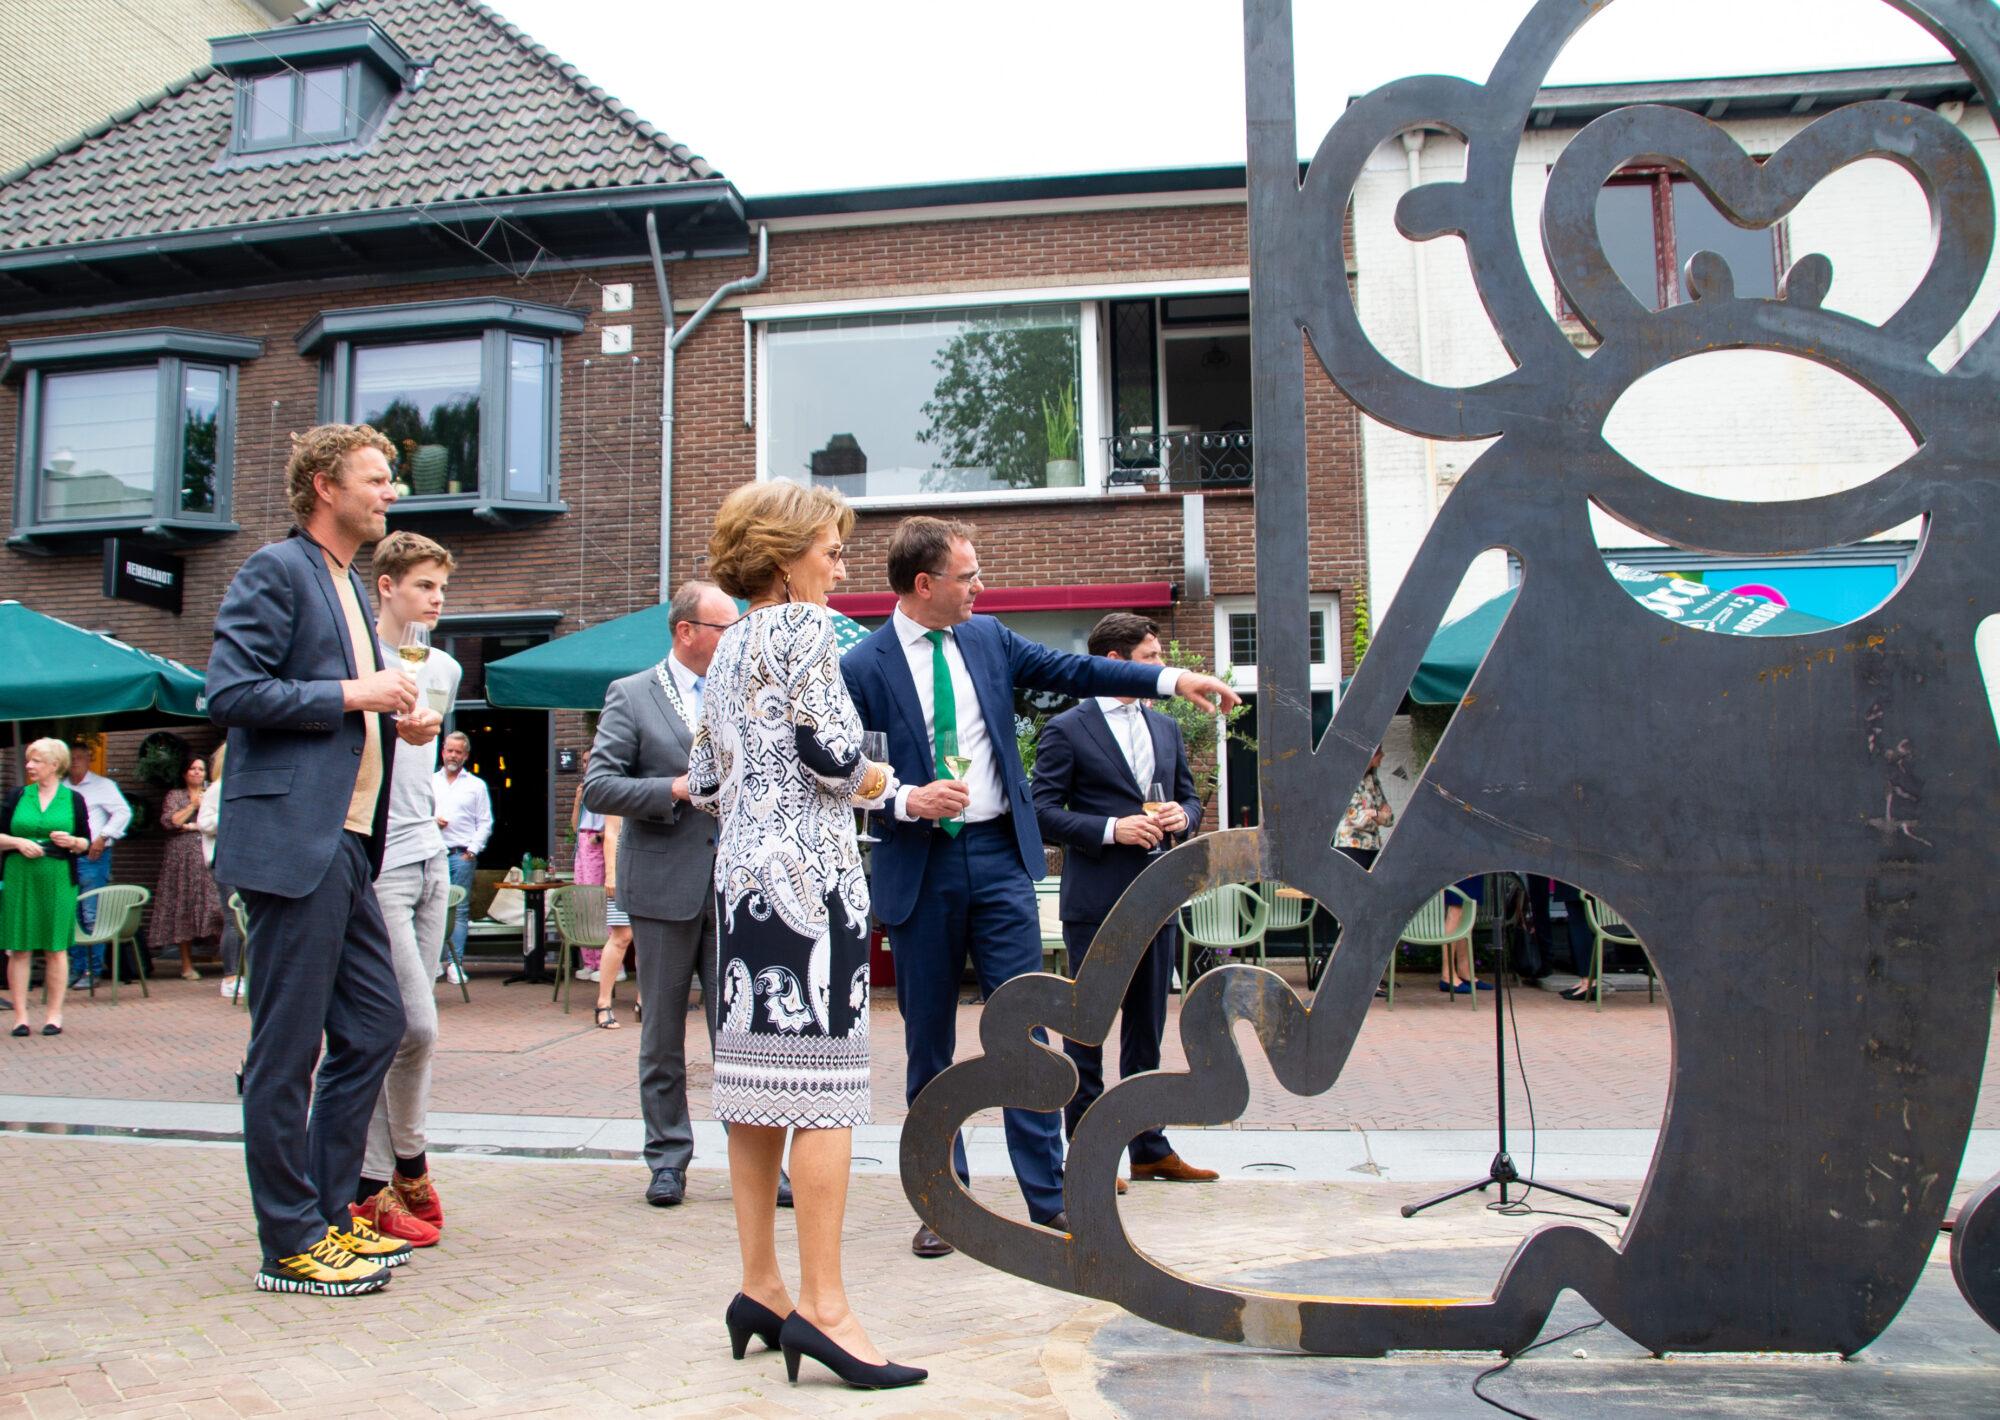 Jarig aapje pronkt in centrum Apeldoorn